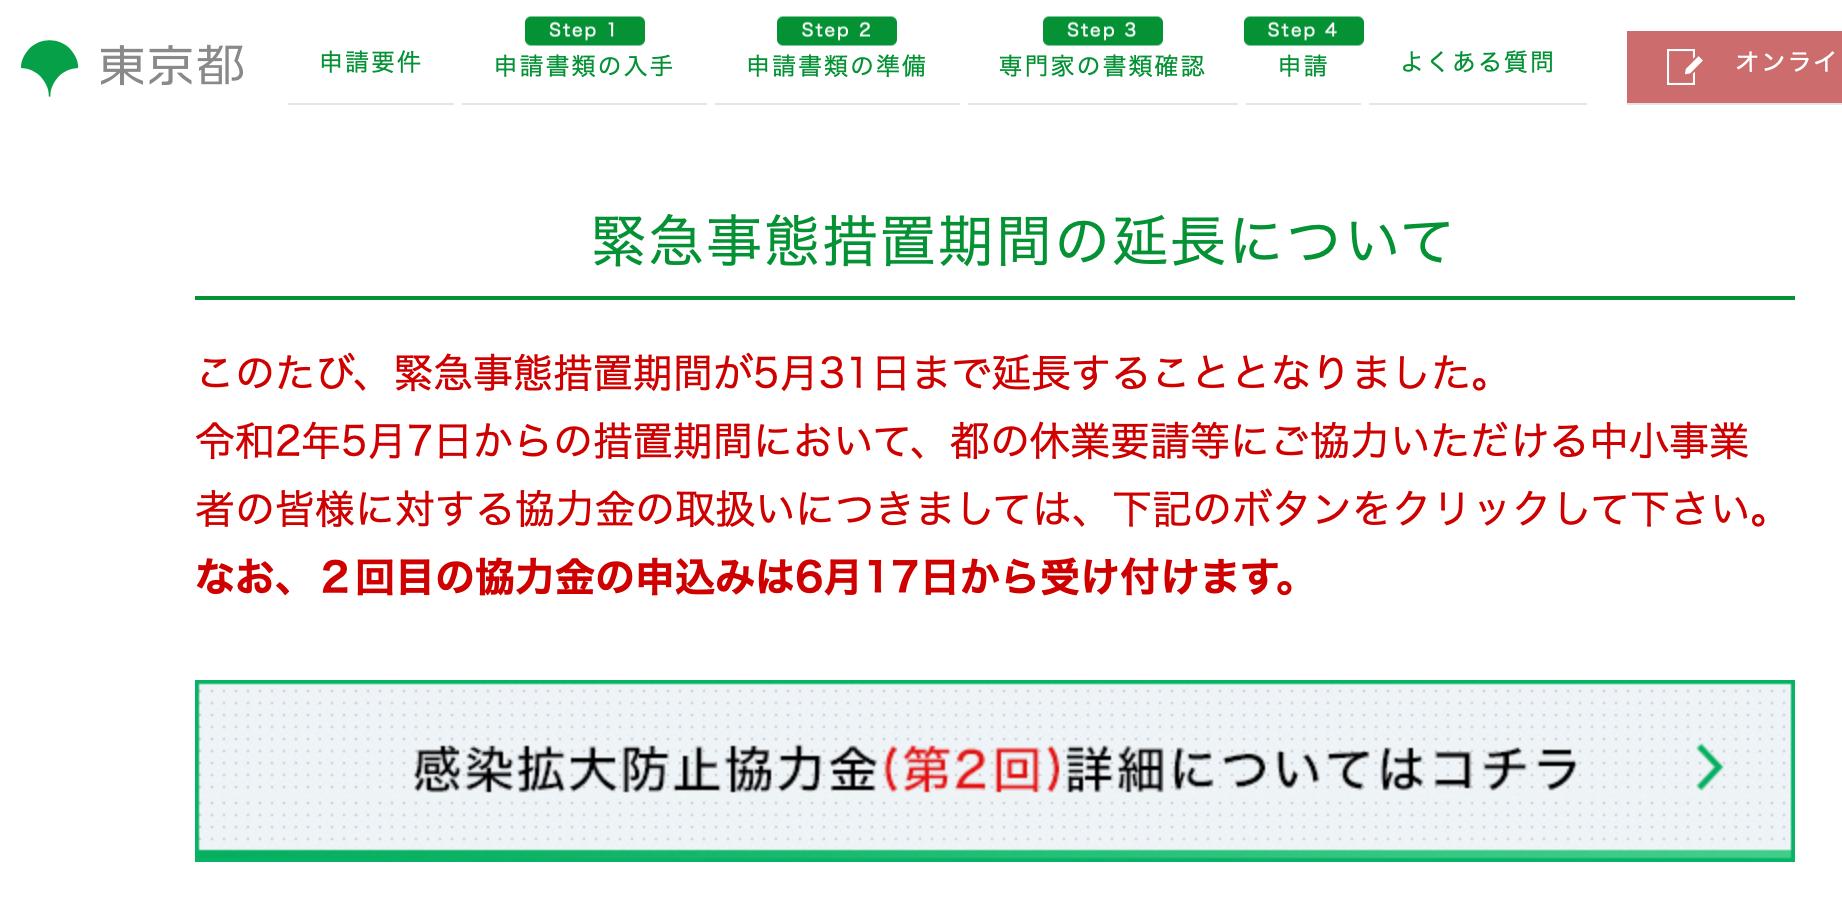 2回めの申請受付は6/17から(東京都感染拡大防止協力金)